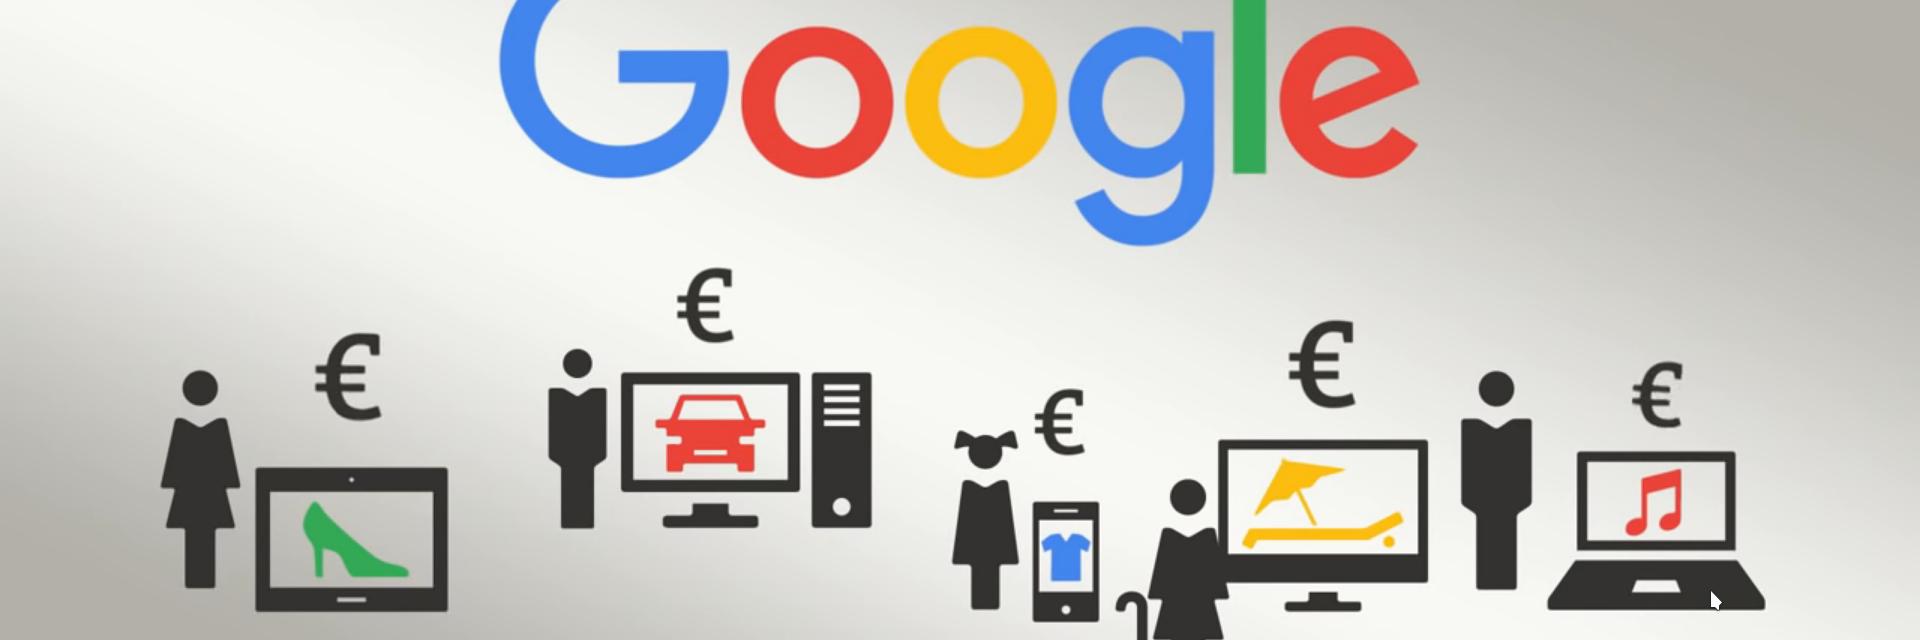 google geld und daten